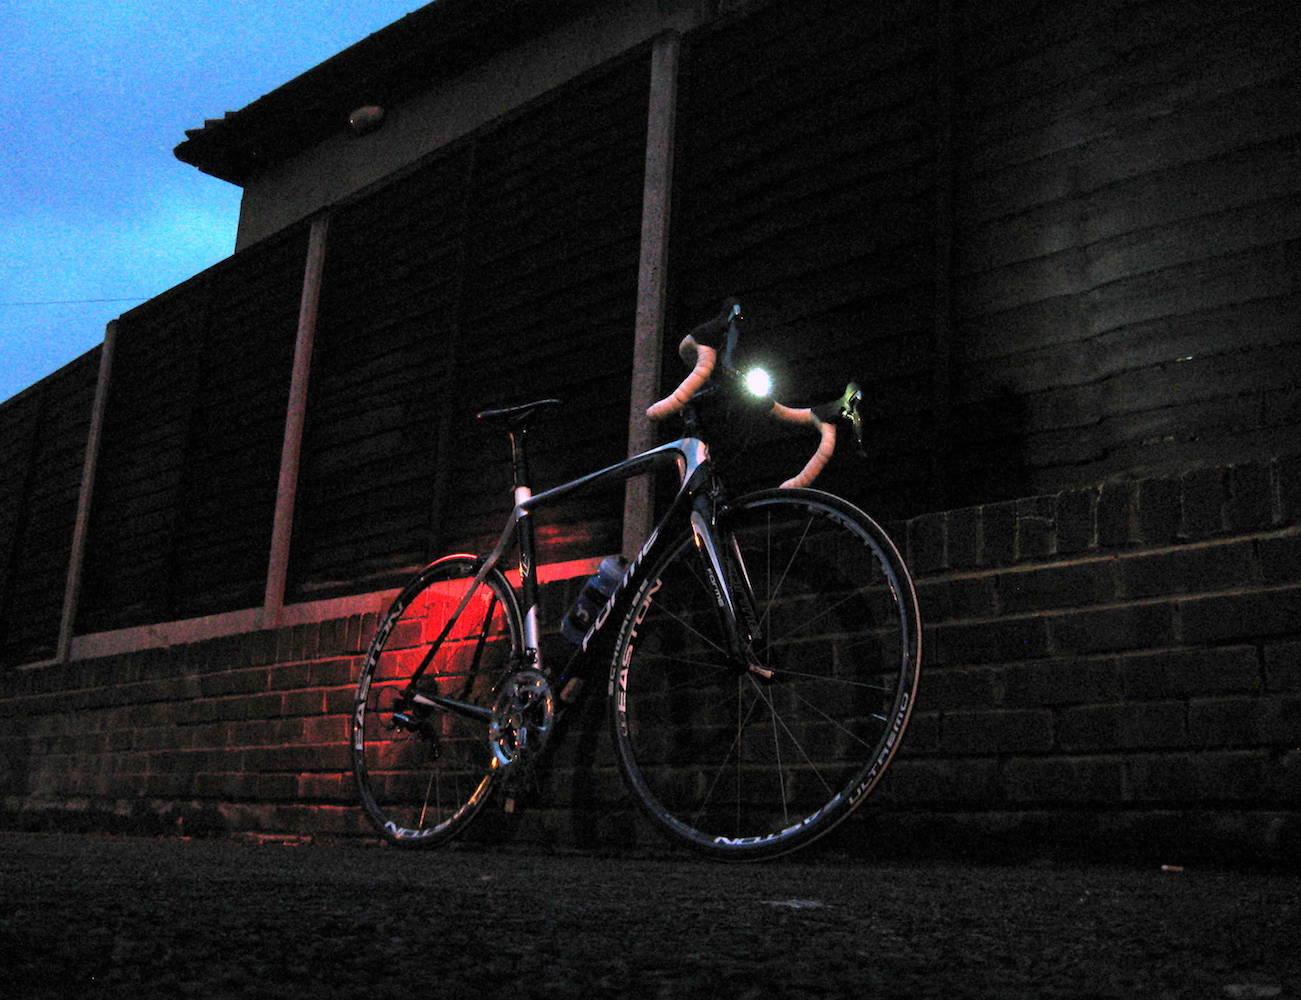 Knog Blinder 4V USB Rechargeable Bike Light